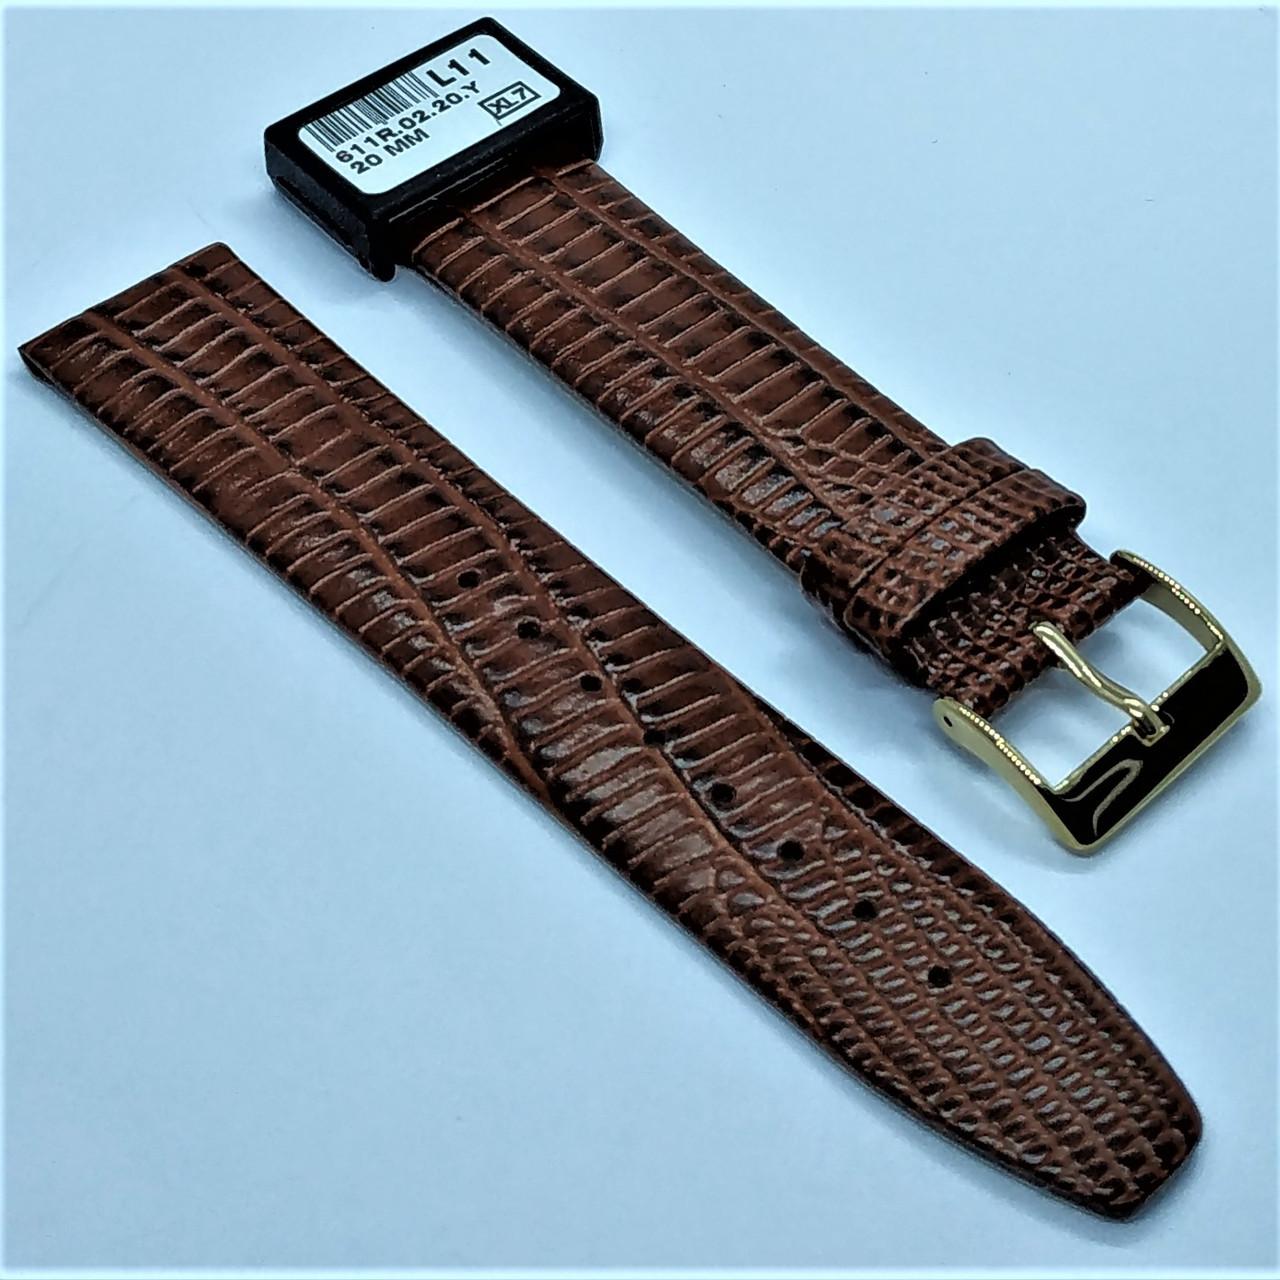 20 мм Кожаный Ремешок для часов CONDOR 611.20.02 Коричневый Ремешок на часы из Натуральной кожи